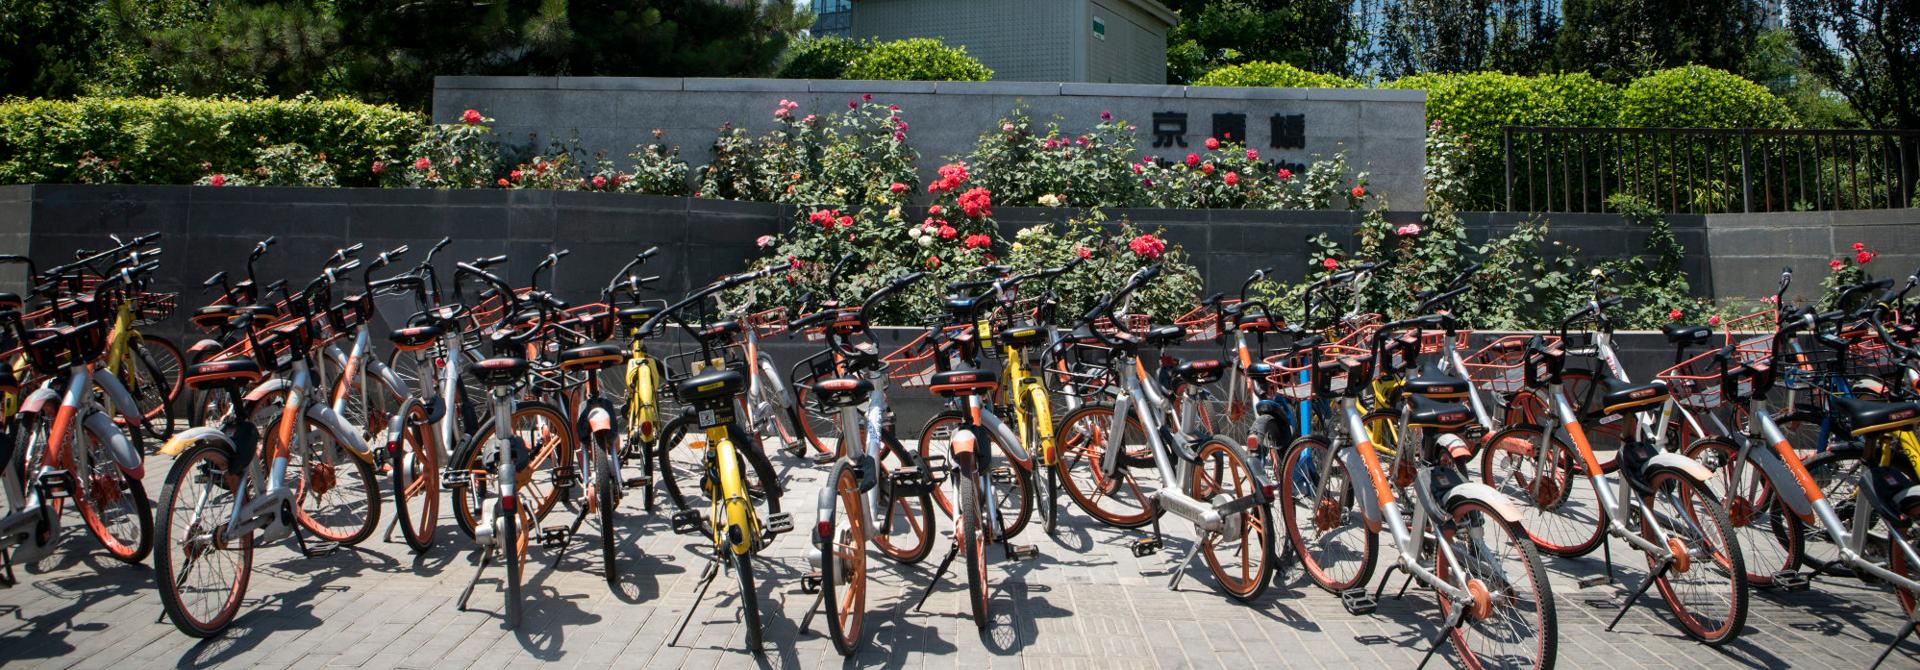 """Không chỉ đi đầu về ô tô điện, Trung Quốc còn là """"vương quốc xe đạp điện"""""""